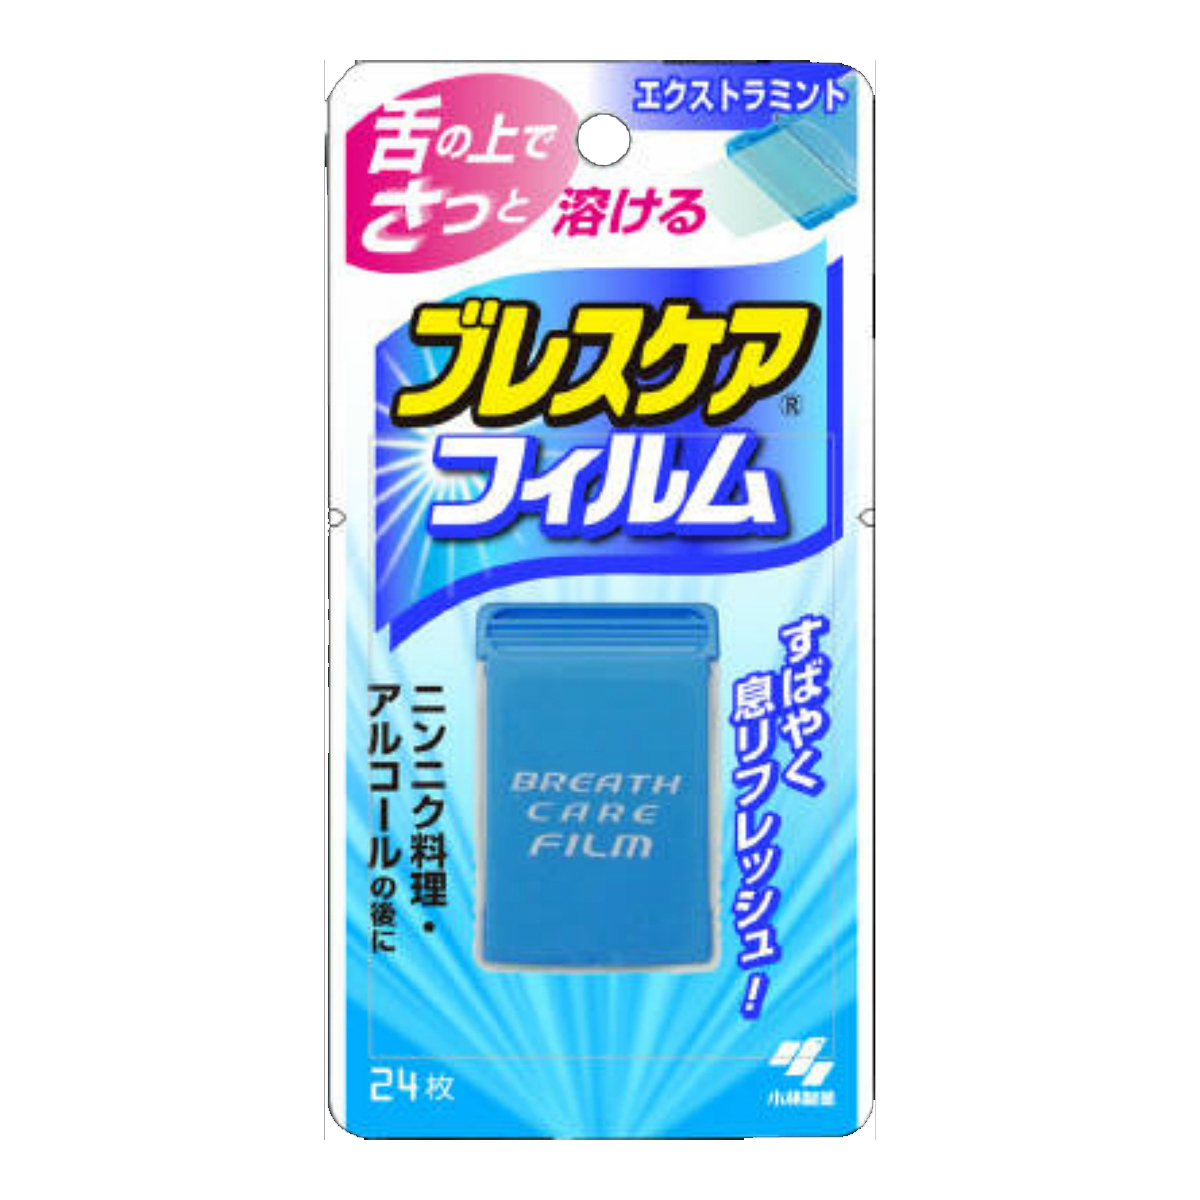 【限定特価】小林製薬 ブレスケア フィルム エクストラミント 24枚 口臭清涼剤 ( ミント ) ( 4987072066287 )